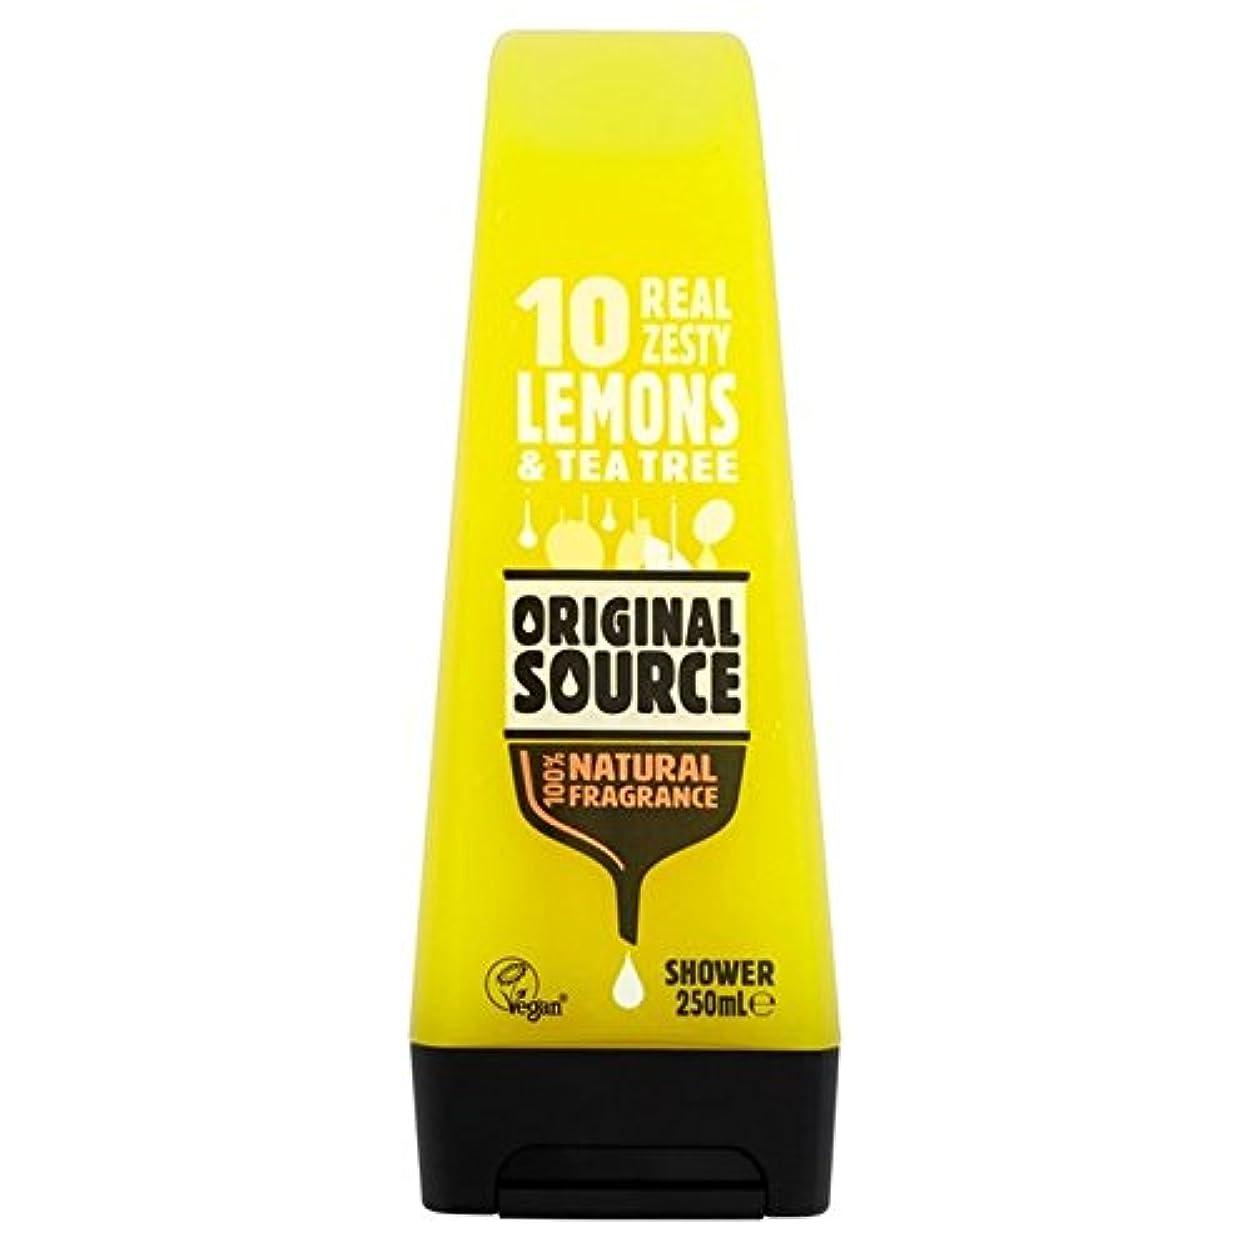 結婚式口補体Original Source Lemon Shower Gel 250ml (Pack of 6) - 元のソースのレモンシャワージェル250ミリリットル x6 [並行輸入品]